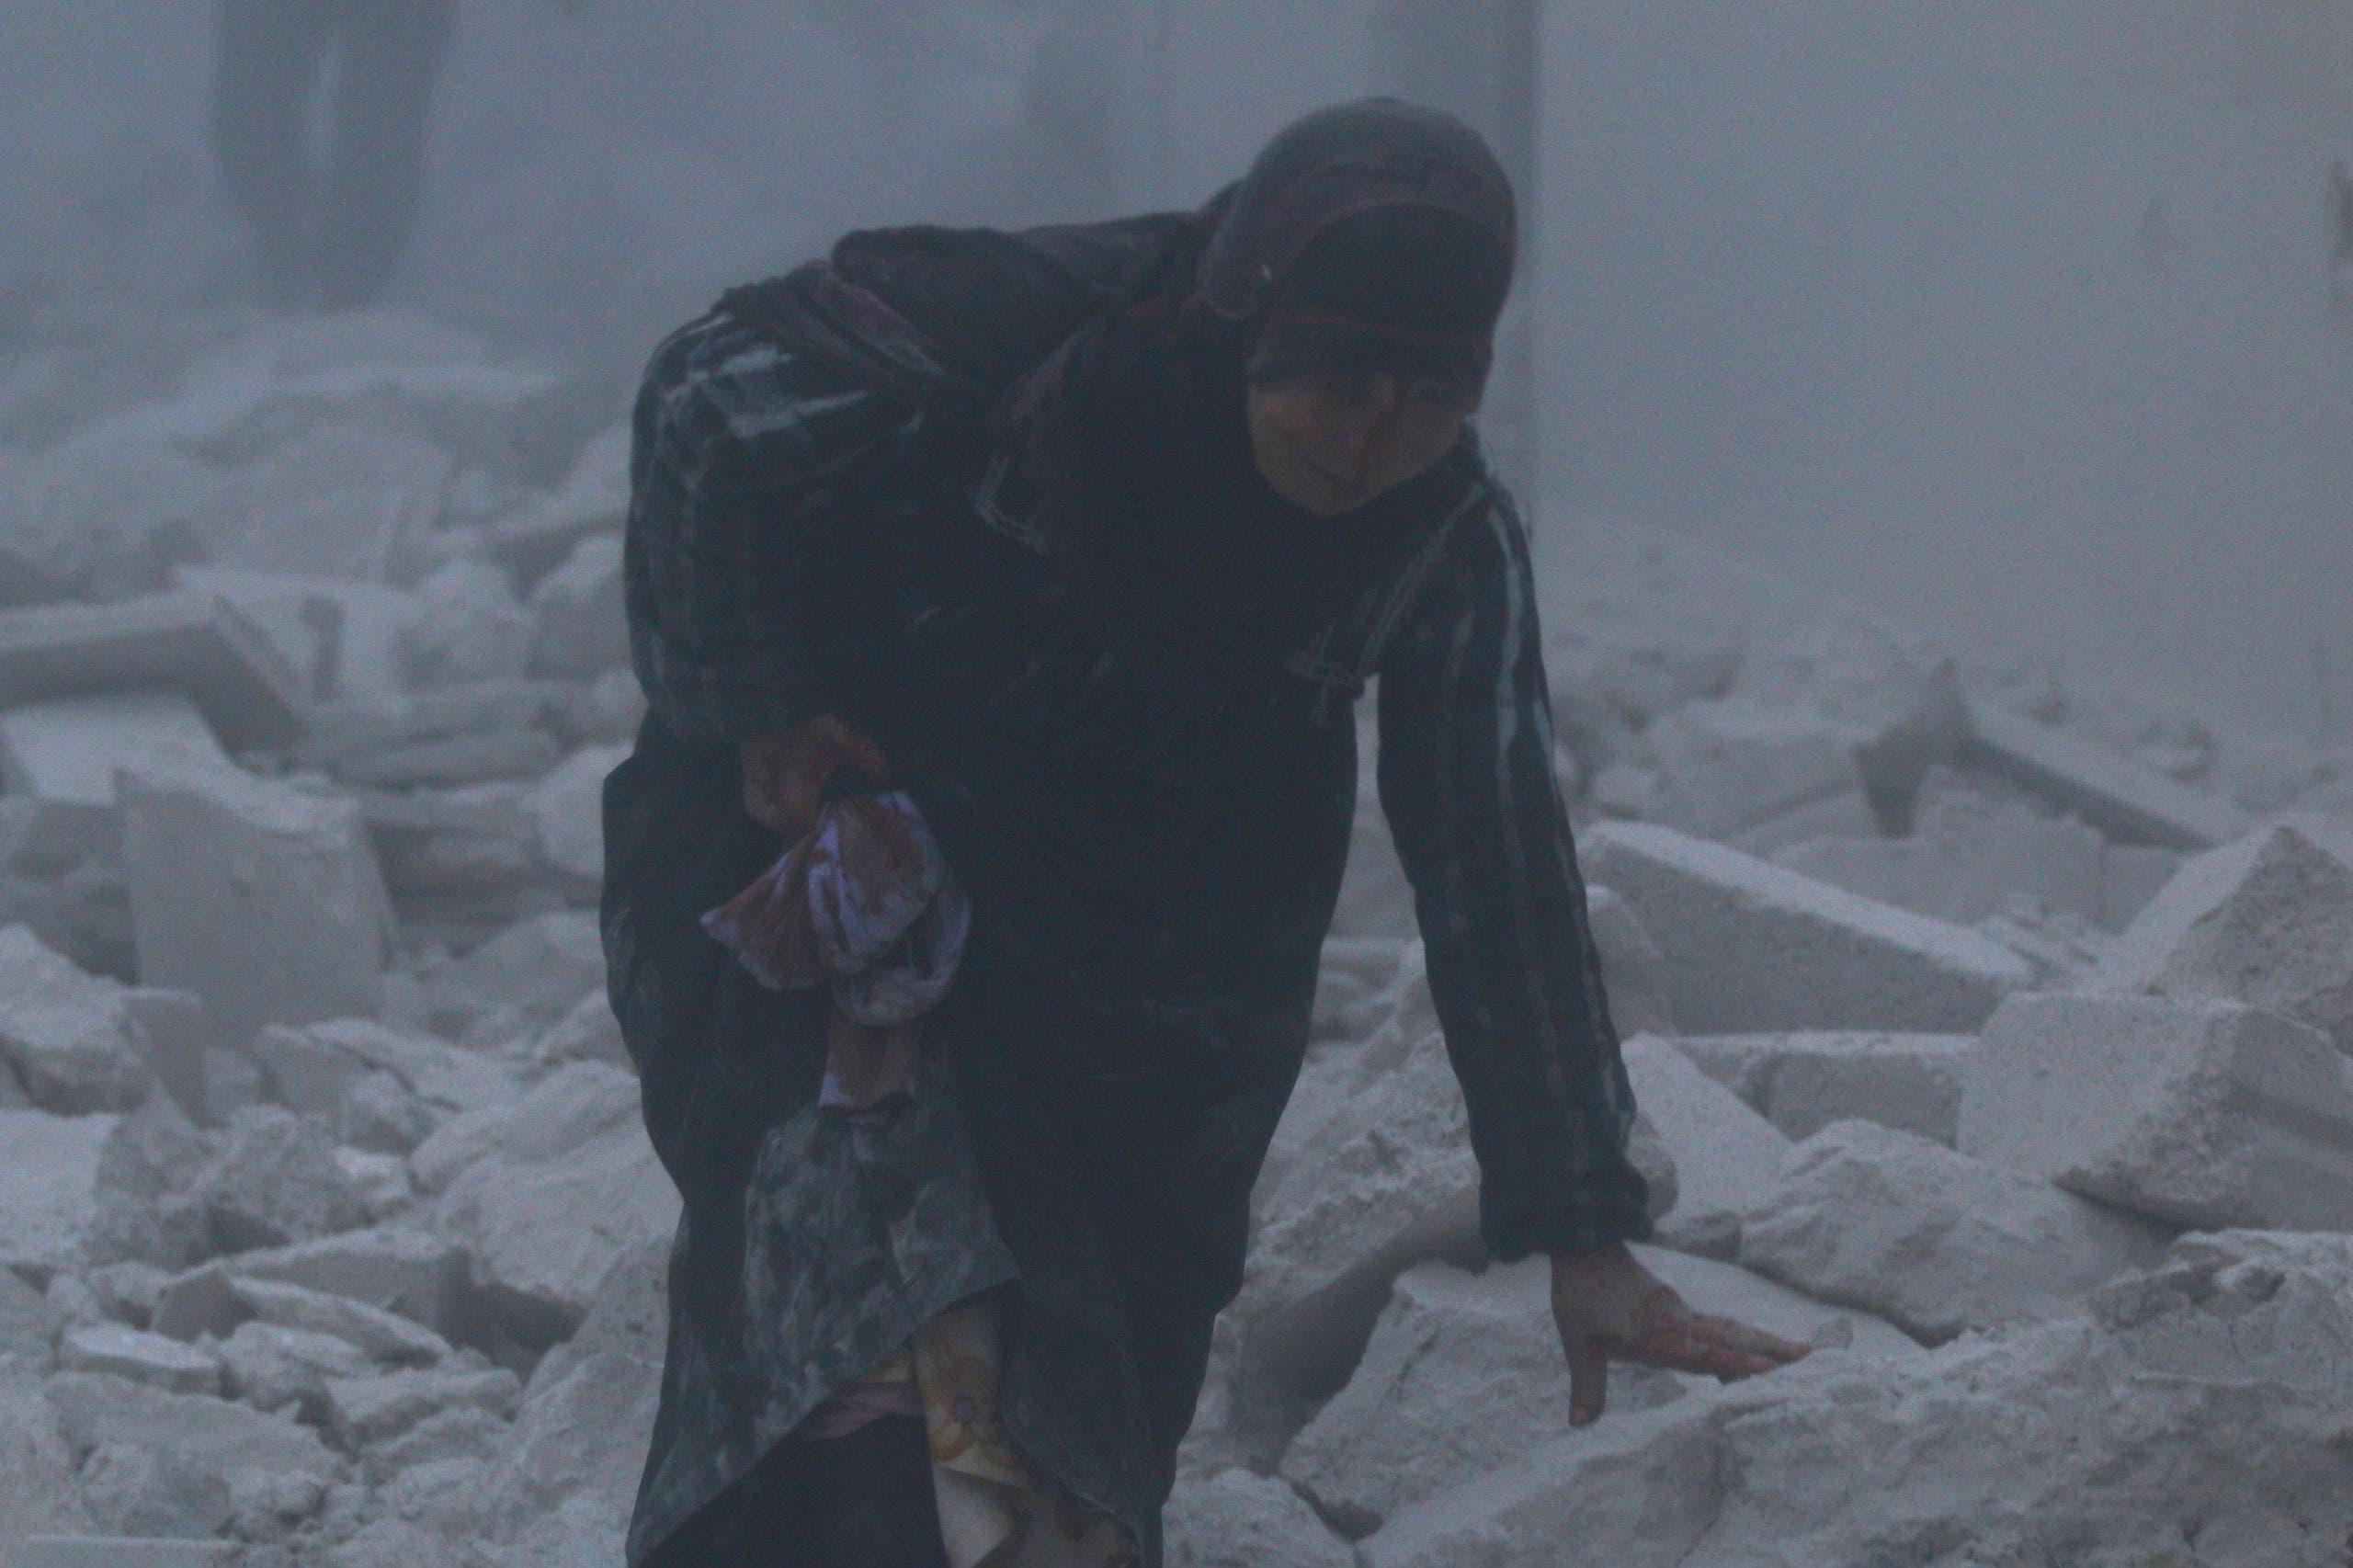 امرأة مصابة في غارة للنظام السوري على حلب (أرشيفية)